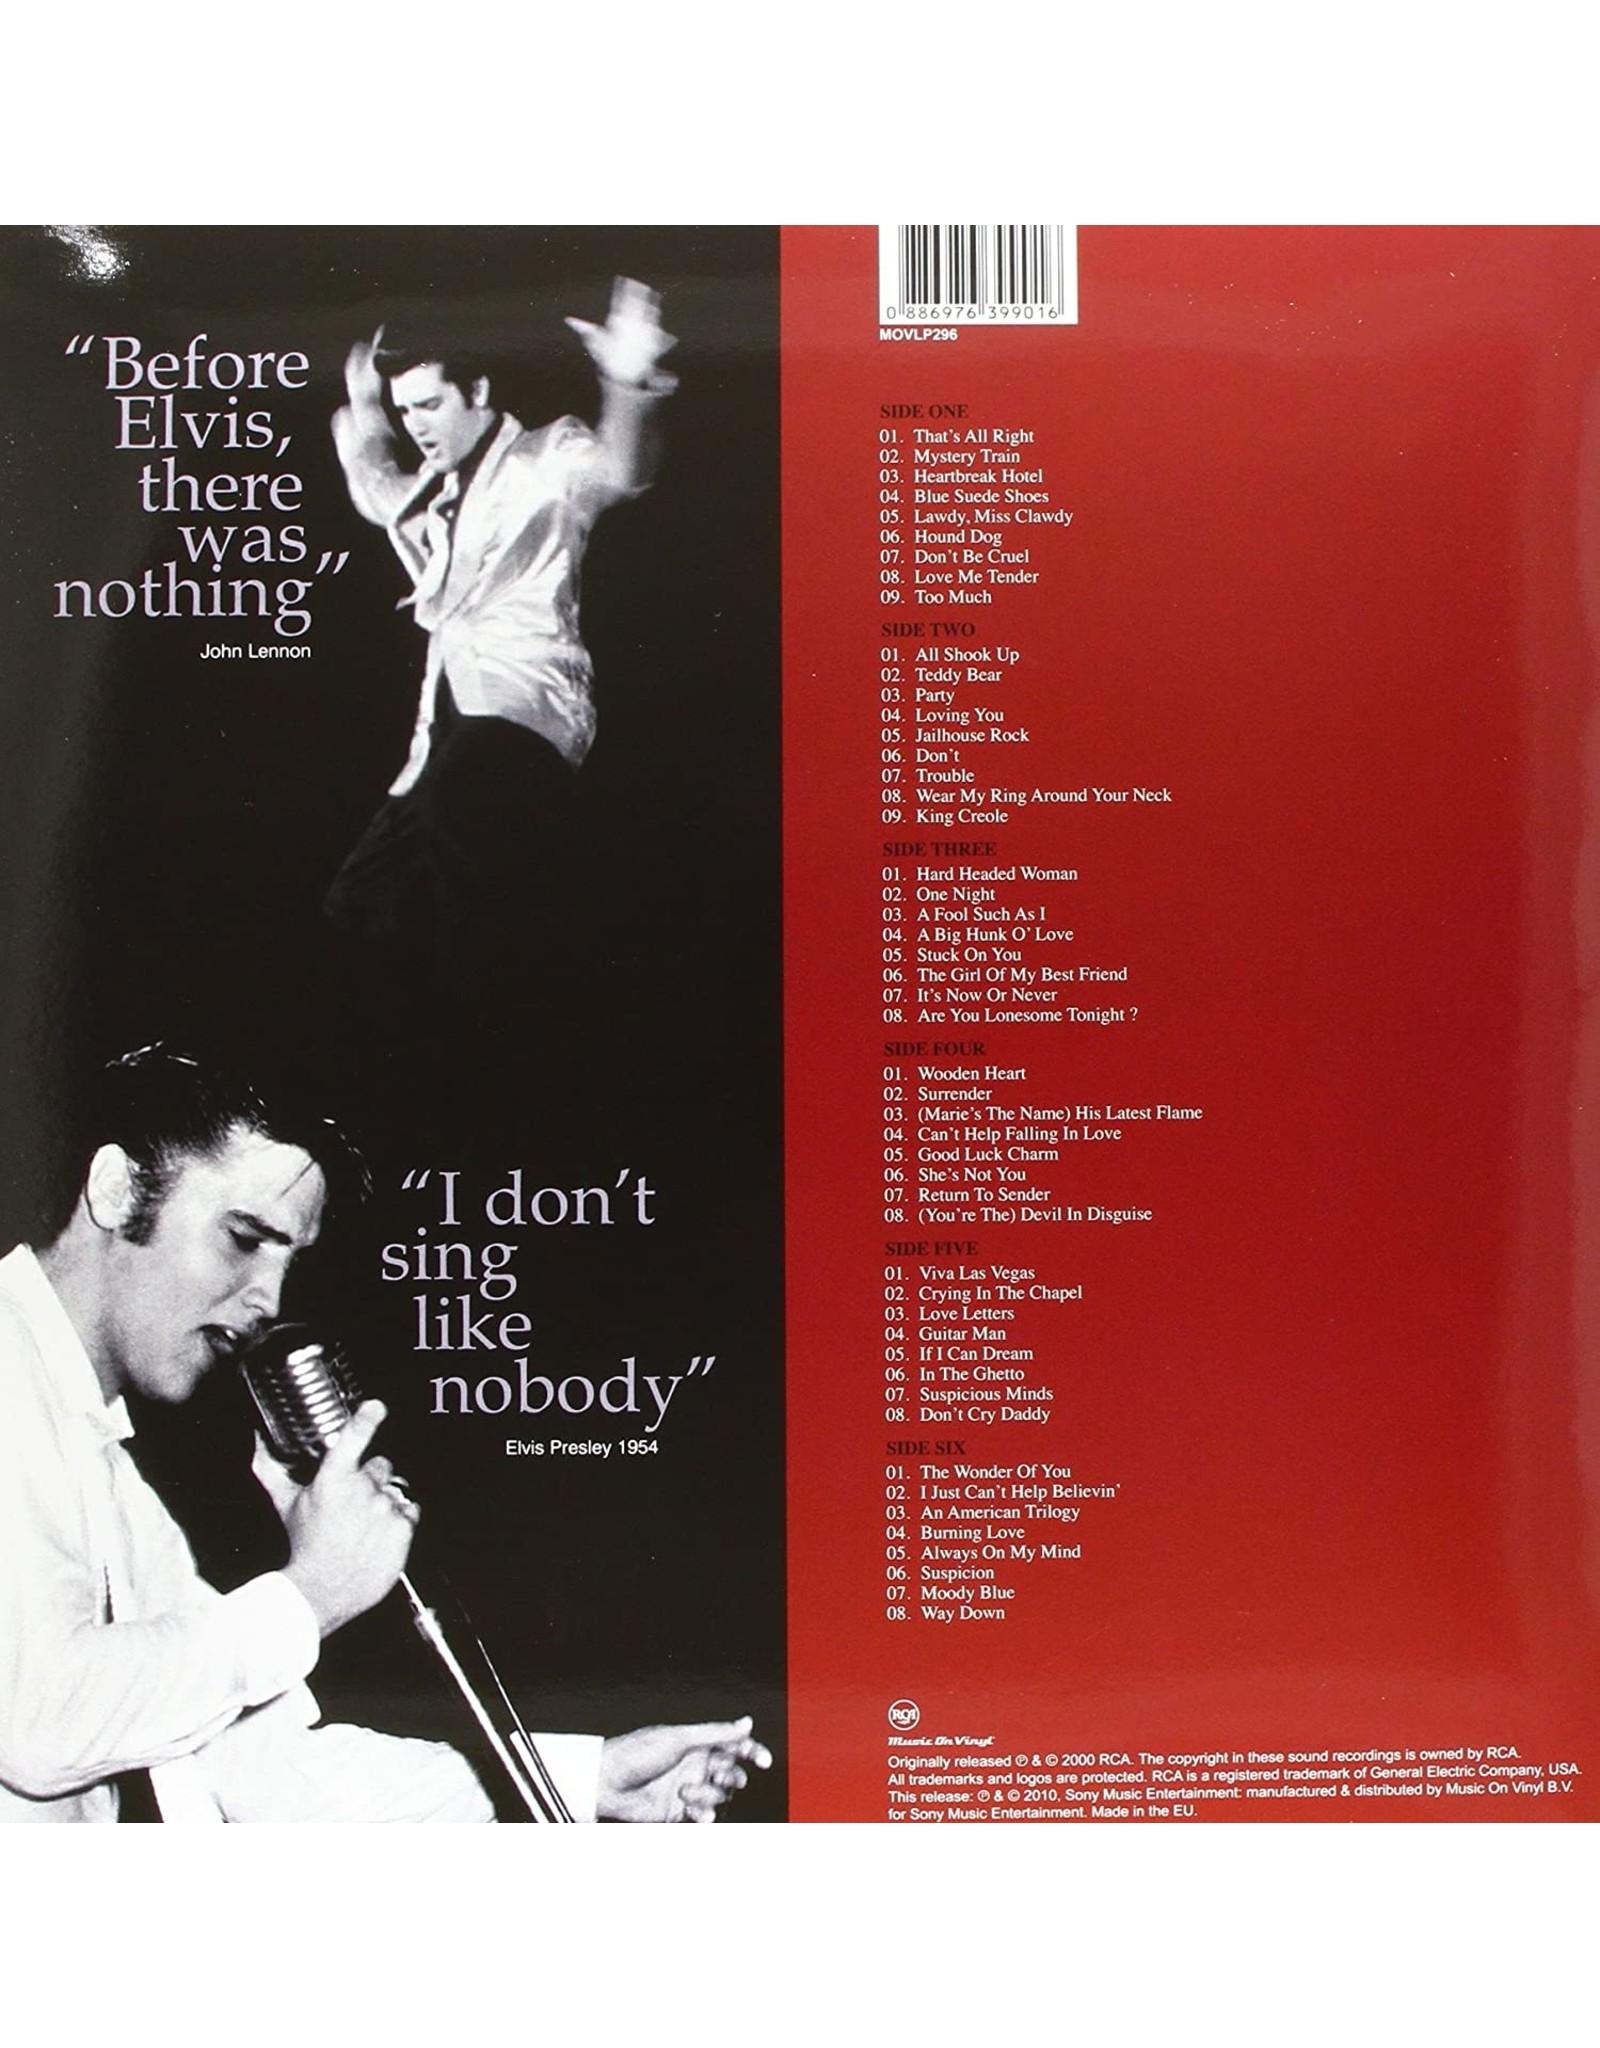 Elvis Presley - 50 Greatest Hits (3LP)